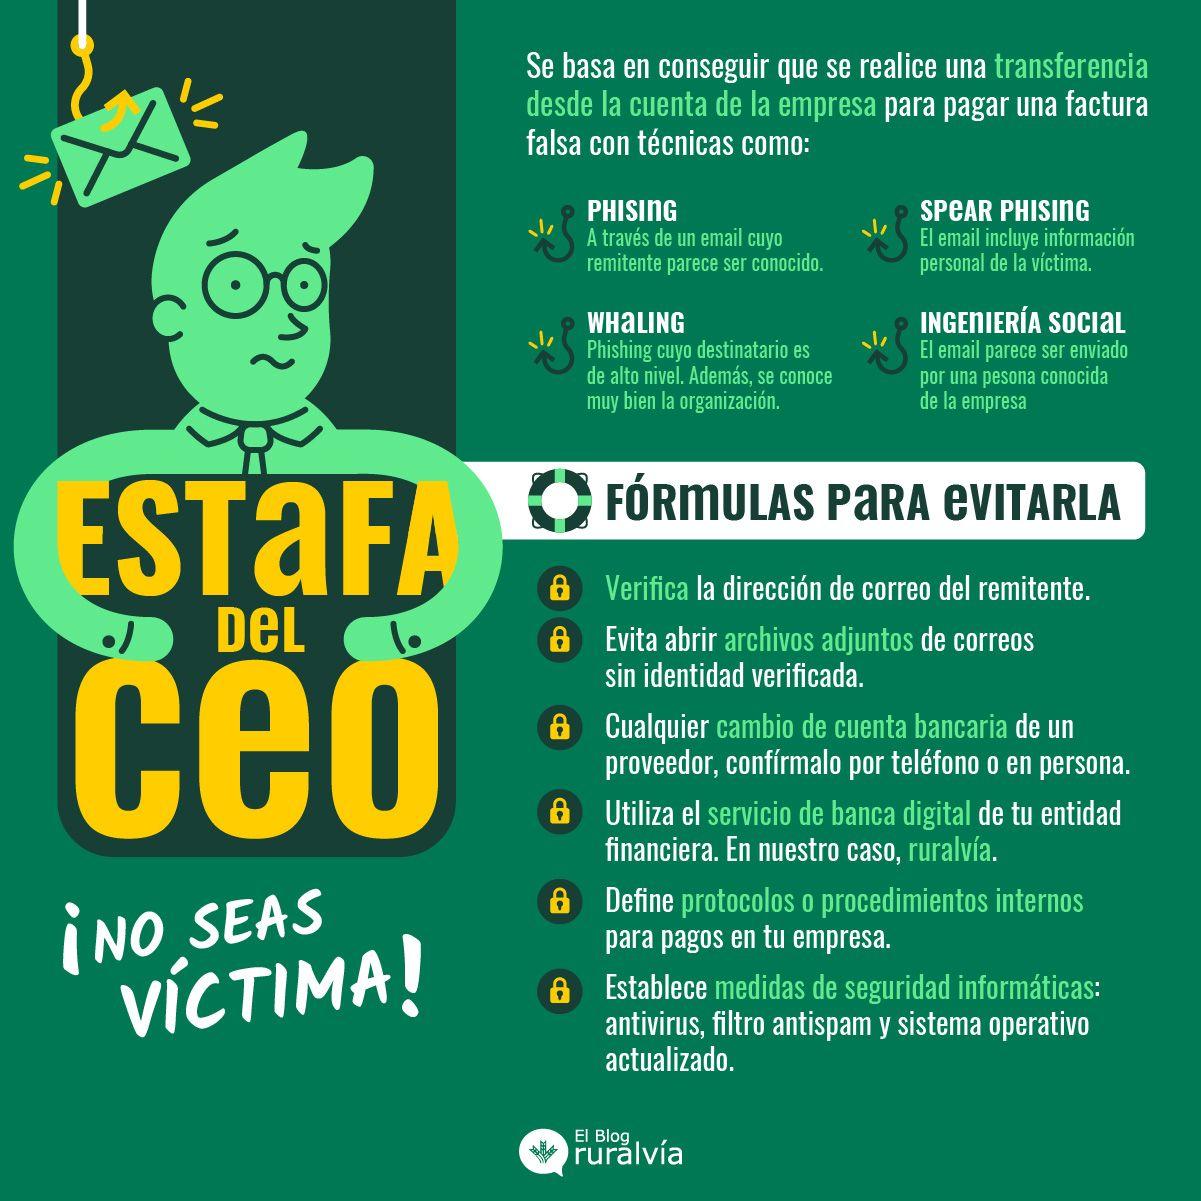 Evita el fraude del CEO, una estafa dirigida a empresarios